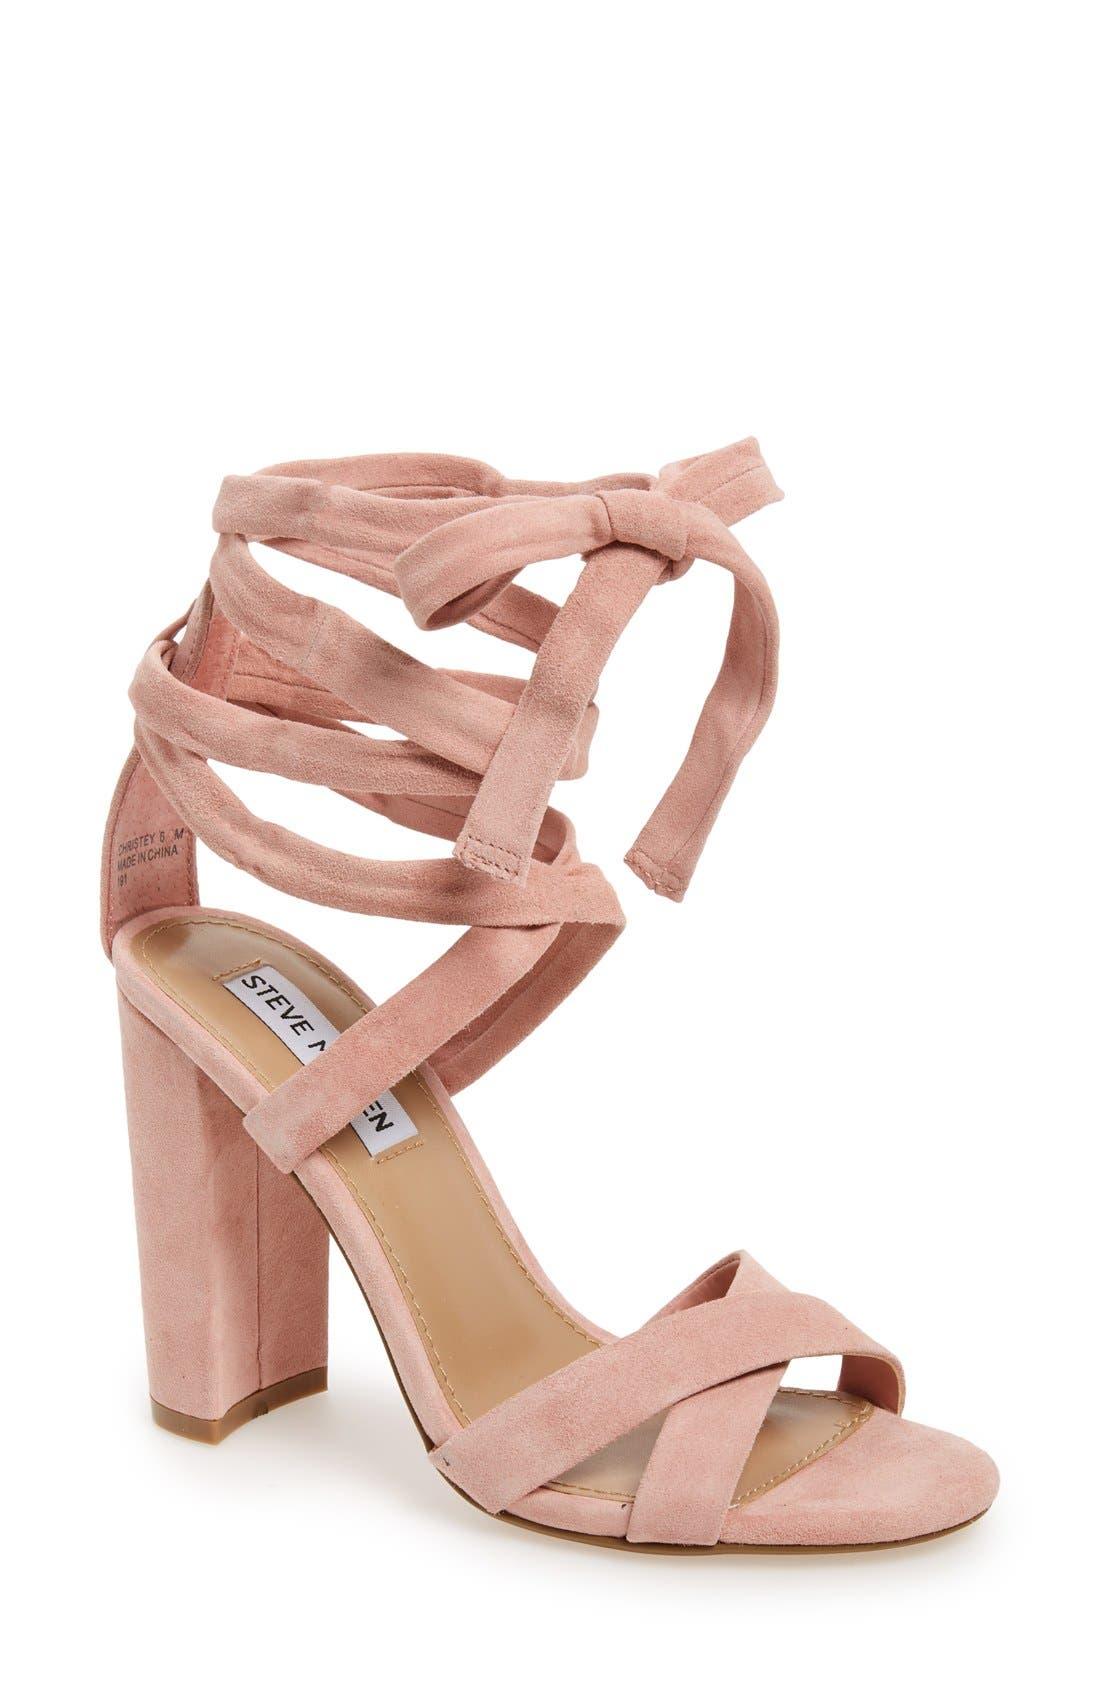 Alternate Image 1 Selected - Steve Madden 'Christey' Wraparound Ankle Tie Sandal (Women)